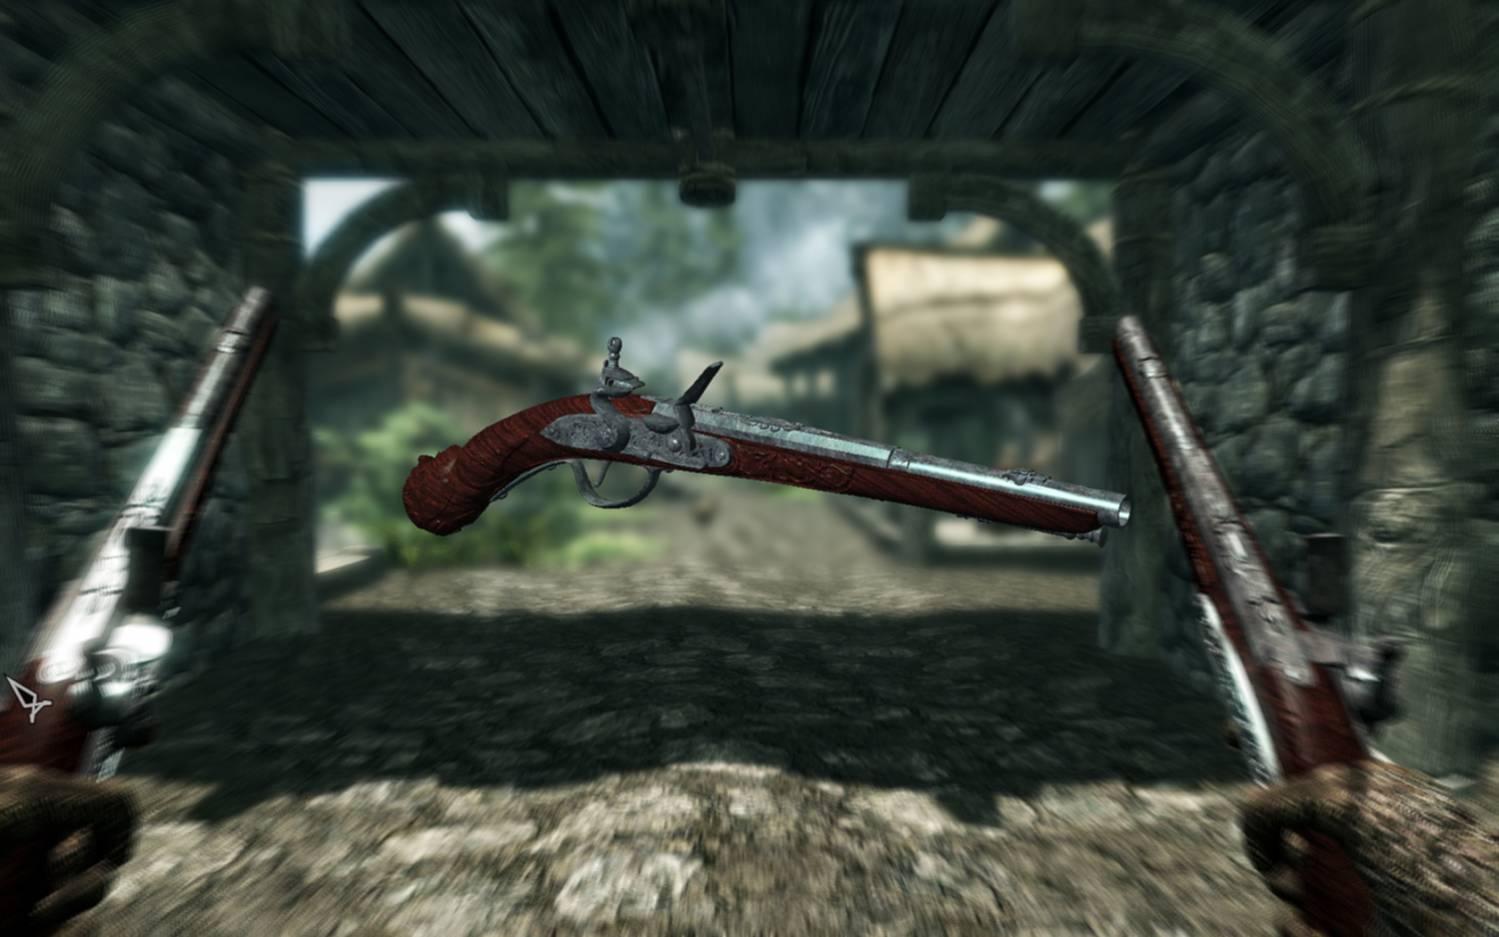 Мод на огнестрельное оружие для Skyrim